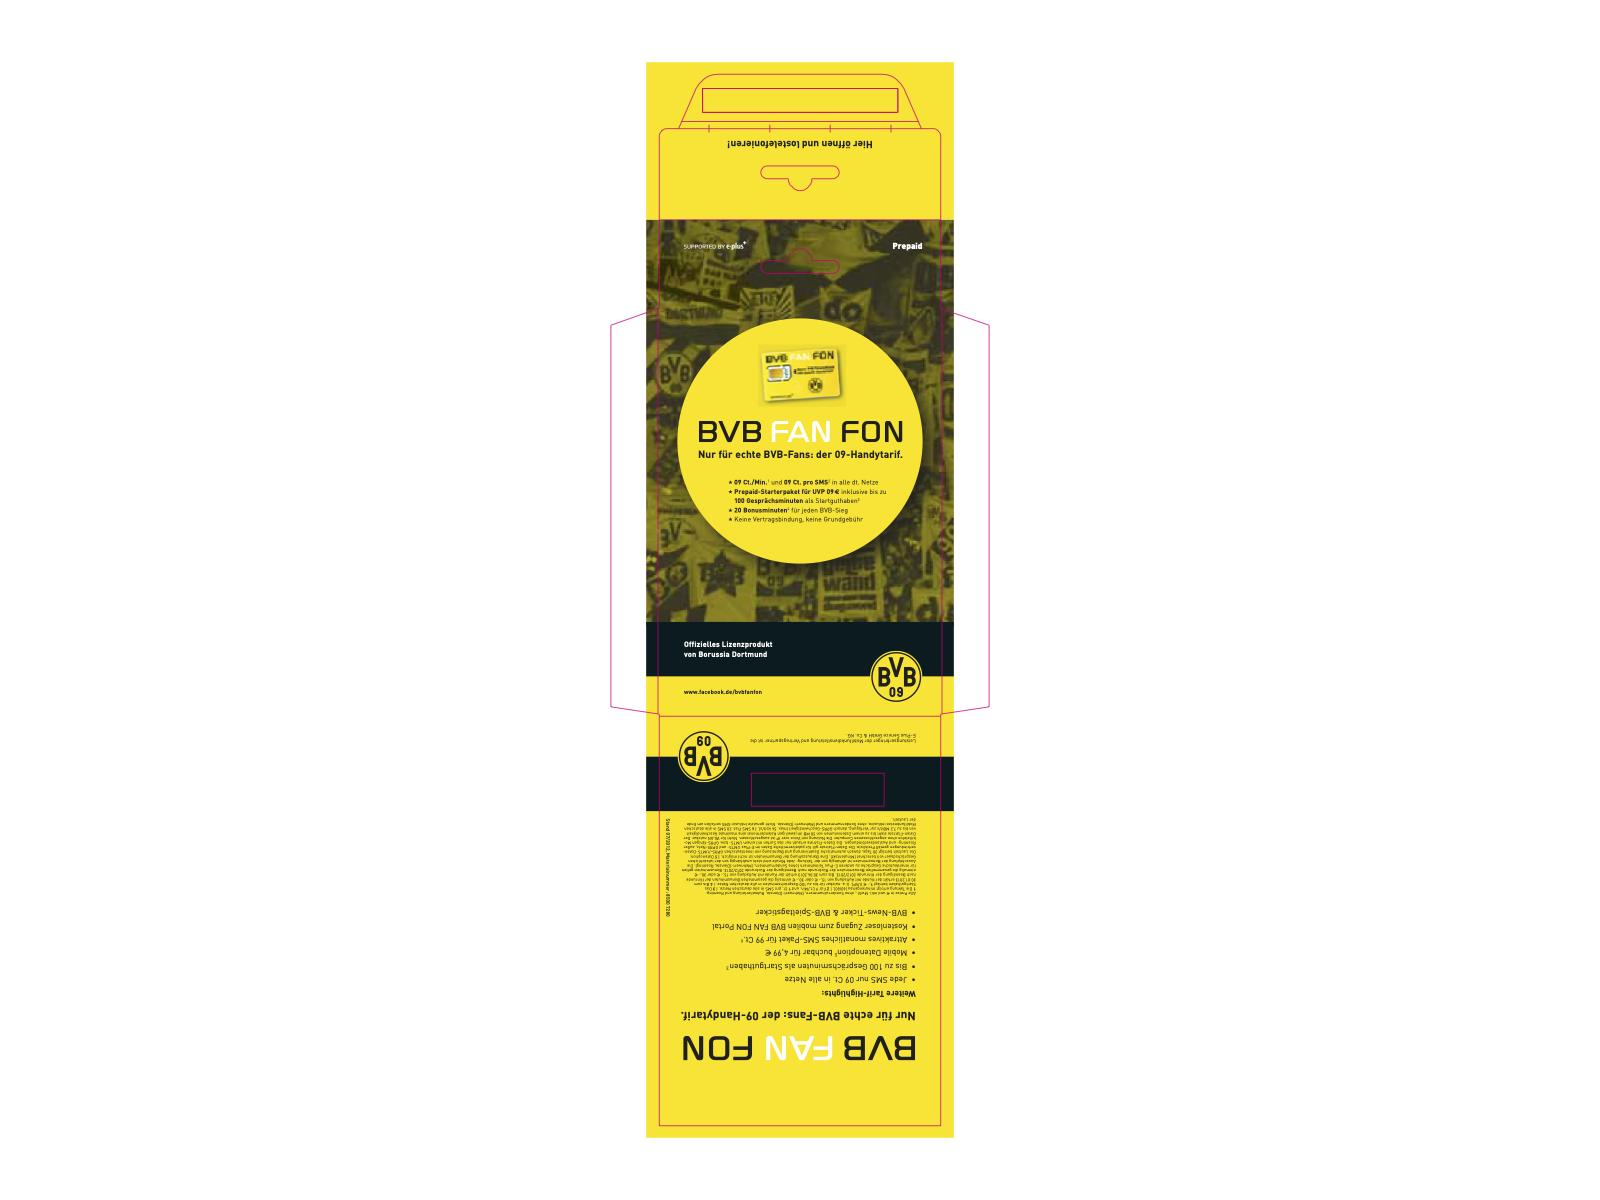 Verpackung von SIM-Karten für BVB-FAN-Fon